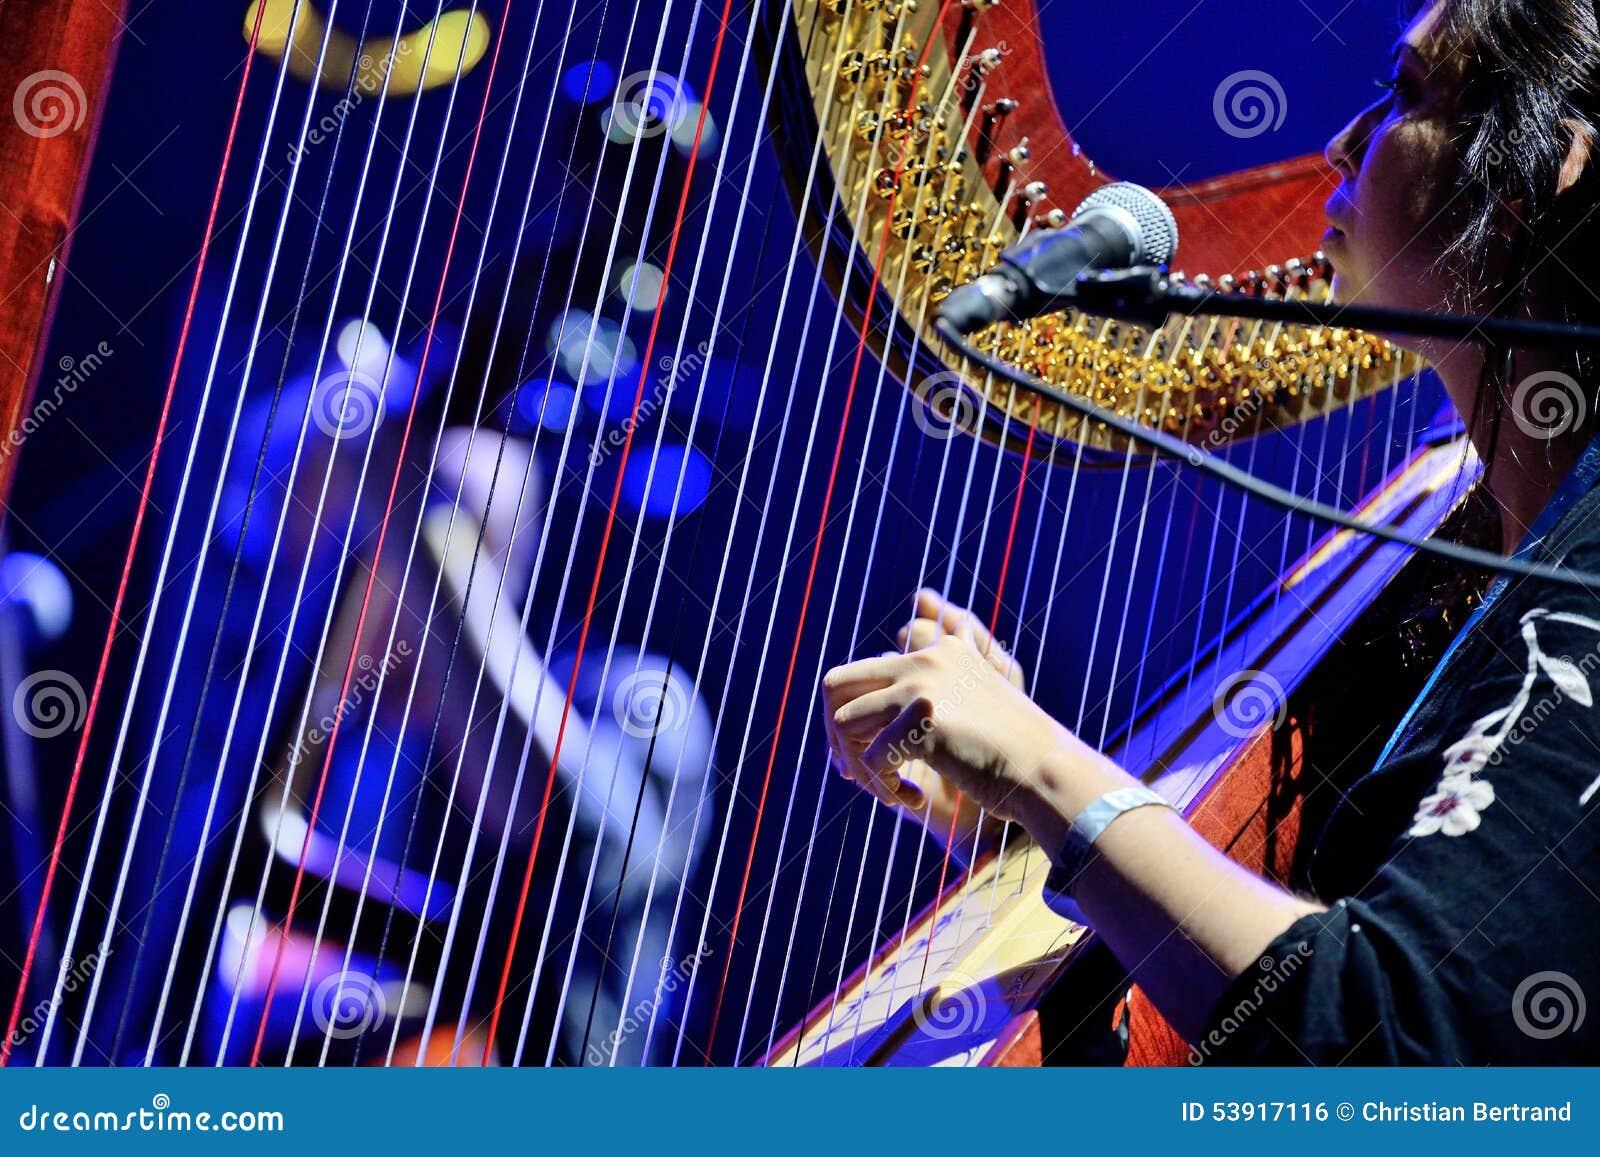 Harpspeler van levende prestaties de van barr brothers band bij bime festival redactionele - Fotos van levende ...